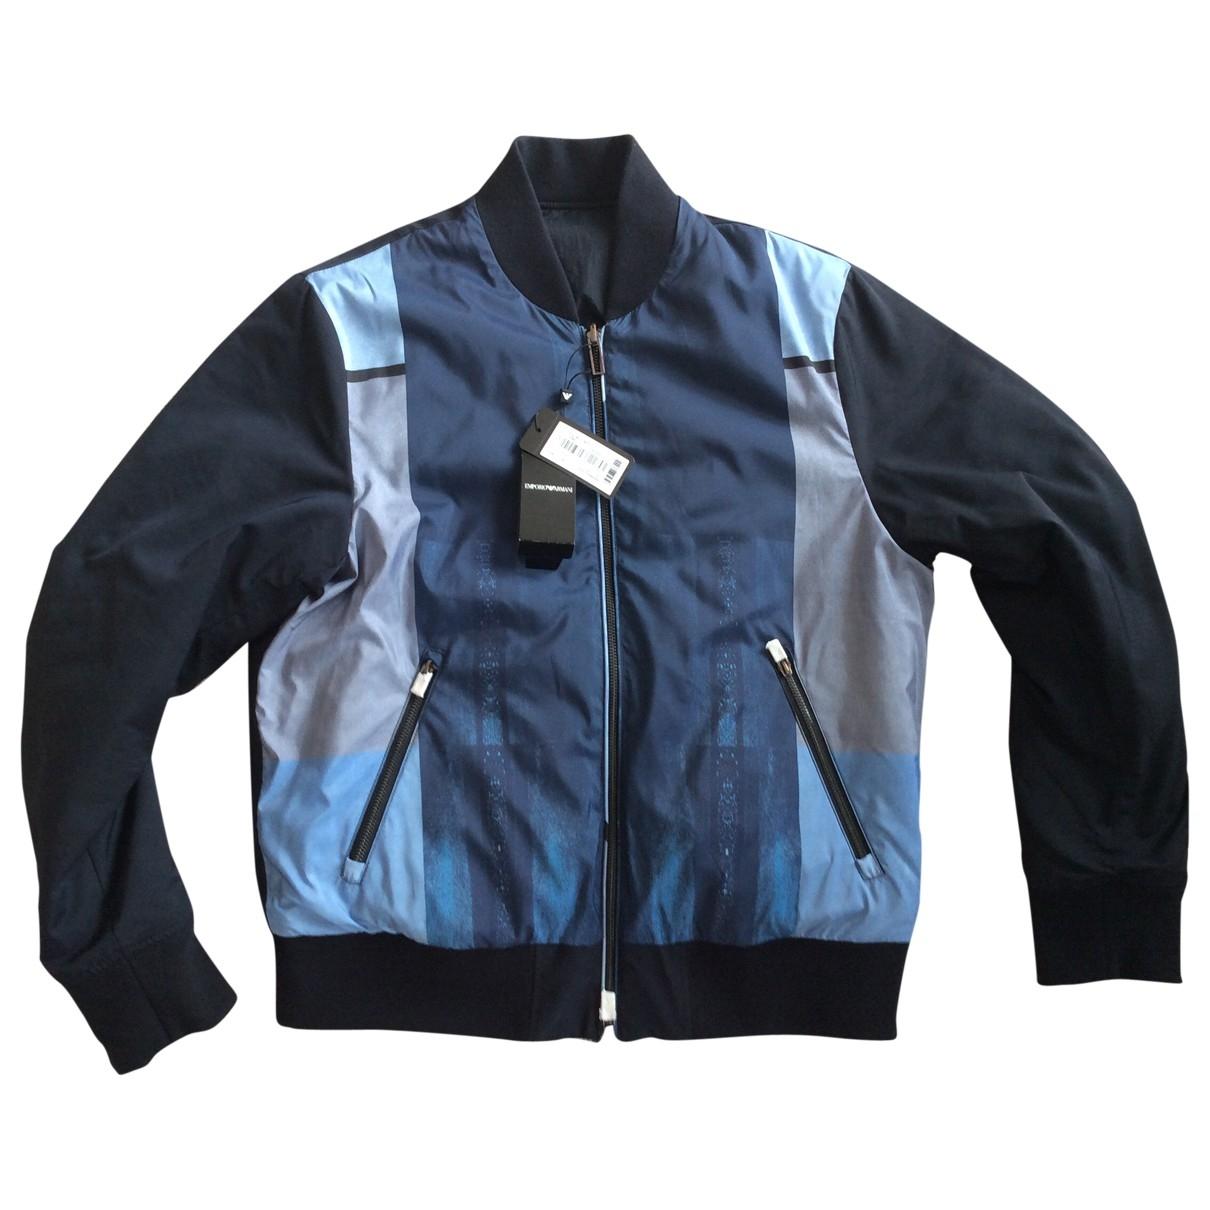 Emporio Armani \N Blue jacket  for Men 54 FR